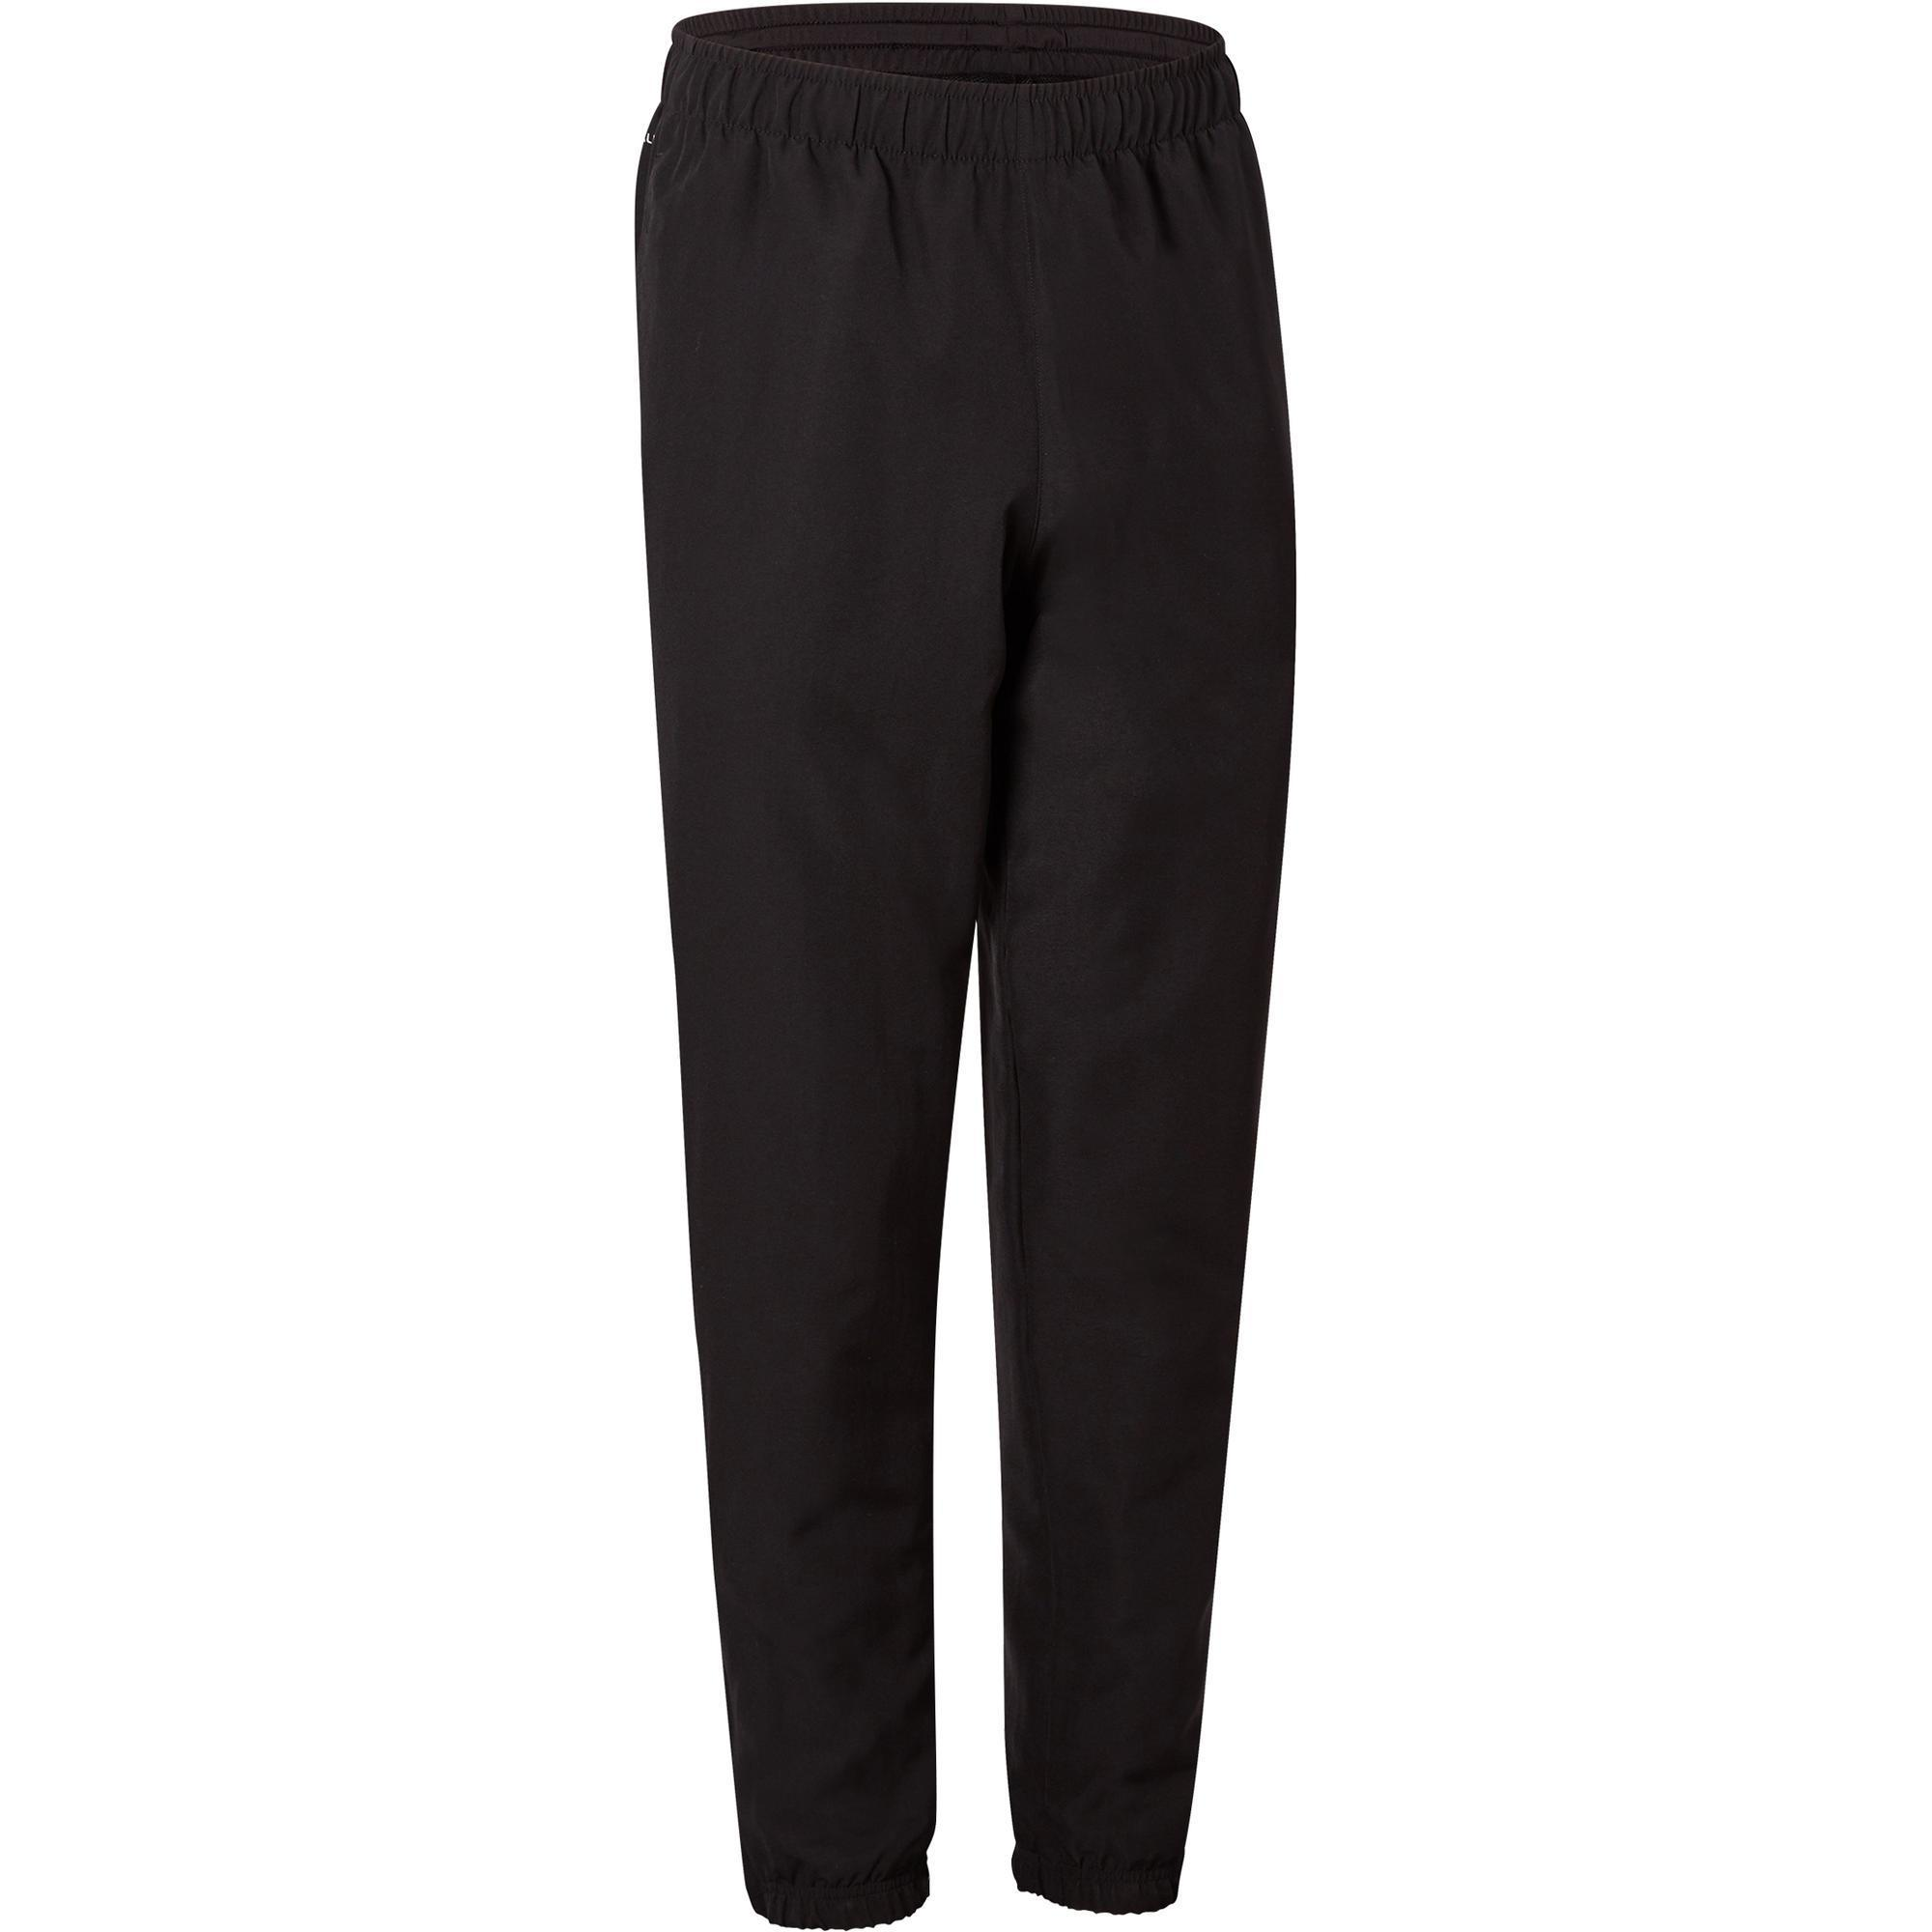 Fitnessbroek voor heren Adidas Stanford zwart